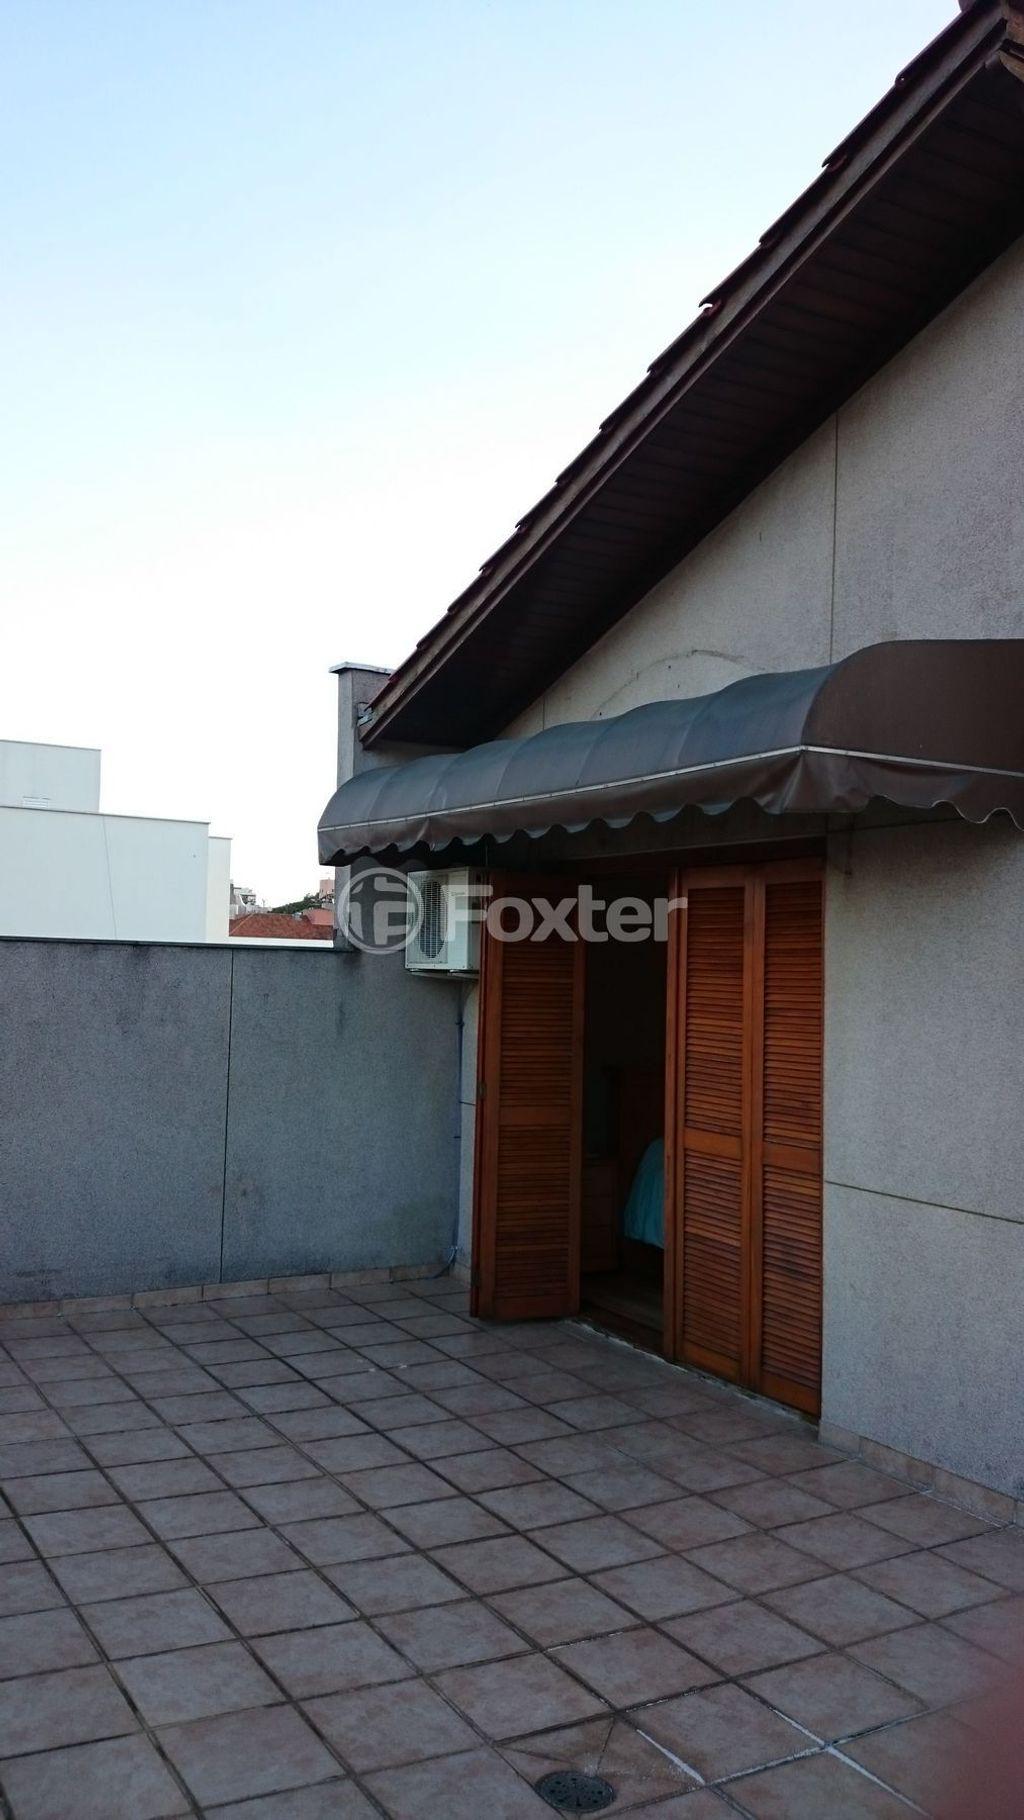 Foxter Imobiliária - Cobertura 3 Dorm (137279) - Foto 17